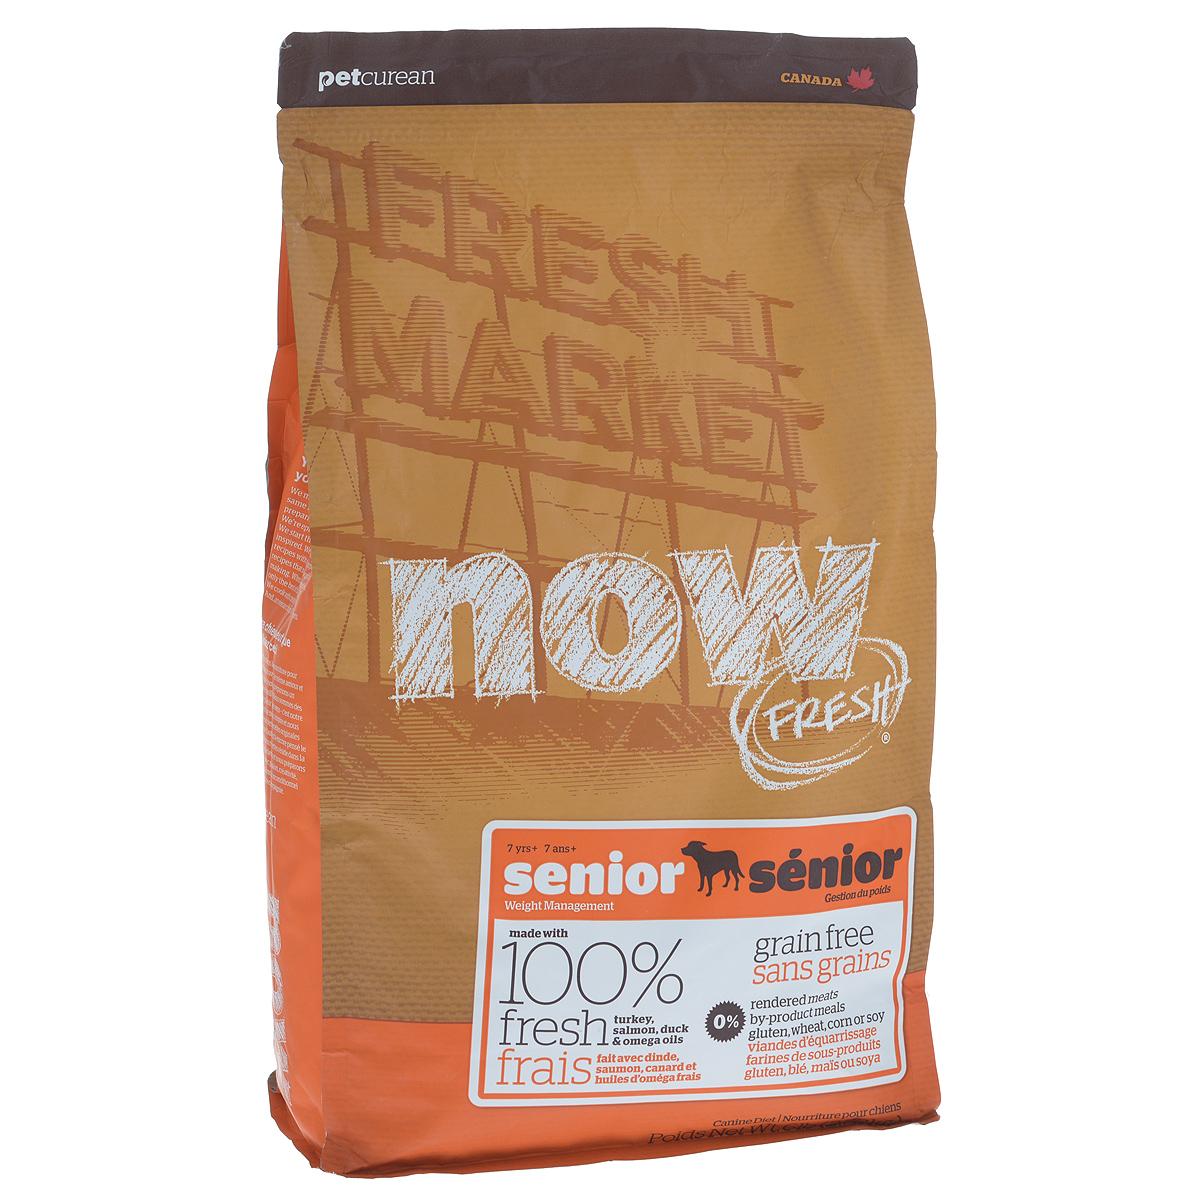 Корм сухой Now Fresh Контроль веса для собак, беззерновой, с индейкой, уткой и овощами, 2,72 кг12171996Now Fresh Контроль веса - полностью сбалансированный холистик корм из филе индейки и утки, выращенных на канадских фермах, из лосося без костей, выловленного в озерах Британской Колумбии. Прекрасно подходит собакам старше 7 лет и взрослым собакам (1-6 лет) с избыточным весом.Ключевые преимущества: - полностью беззерновой со сбалансированным содержание белков и жиров, - не содержит субпродуктов, красителей, говядины, мясных ингредиентов, выращенных на гормонах, - омега-масла в составе необходимы для здоровой кожи и шерсти, - пробиотики и пребиотики обеспечивают здоровое пищеварение, - антиоксиданты укрепляют иммунную систему. Состав: Филе индейки, картофель, яблоки, горох, картофельная мука, томаты, сушеная люцерна, масло канолы (источник витамина Е), натуральный ароматизатор, утиное филе, филе лосося, кокосовое масло (источники витамина Е), свежие цельные яйца, семена льна, морковь, тыква, бананы, черника, клюква, малина, ежевика, папайя, ананас, грейпфрут, чечевица, брокколи, шпинат, творог, ростки люцерны, сушеные водоросли, карбонат кальция, дикальций фосфат, лецитин, хлорид натрия, хлорид калия, витамины (витамин Е, L-аскорбил-2-полифосфатов (источник витамина С), никотиновая кислота, инозит, витамин А, тиамина мононитрат, пантотенатD-кальция, пиридоксина гидрохлорид, рибофлавин, бета-каротин, витамин D3, фолиевая кислота, биотин, витамин В12), минералы (цинка протеинат, сульфат железа, оксид цинка, железа протеинат, сульфат меди, меди протеинат, марганца протеинат, оксид марганца, йодат кальция, селена, дрожжи), таурин, DL-метионин, L-лизин, глюкозамин гидрохлорид, сухой корень цикория, Lactobacillus, Enterococcusfaecium, Aspergillus, дрожжевой экстракт, экстракт юкки Шидигера, хондроитин сульфат, календулы, L-карнитин, сушеный розмарин. Гарантированный анализ: белки - 24%, жиры - 10%, клетчатка (max) - 6%, влажность (max) - 10%, фосфор (min) - 0,7%, глюкозами